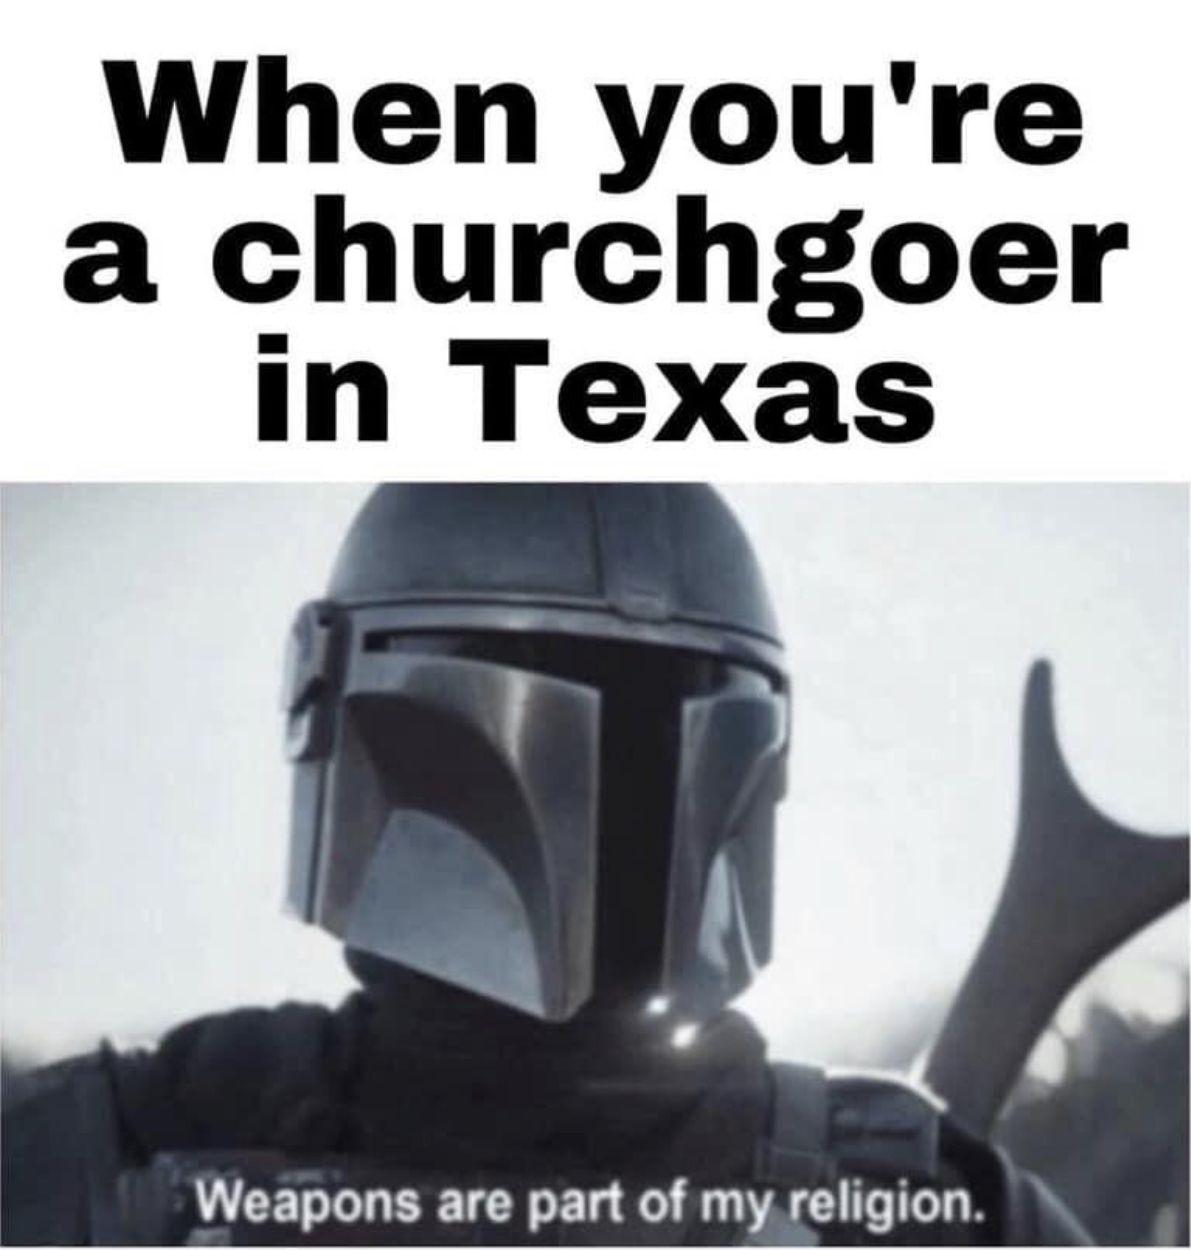 I need to go to church